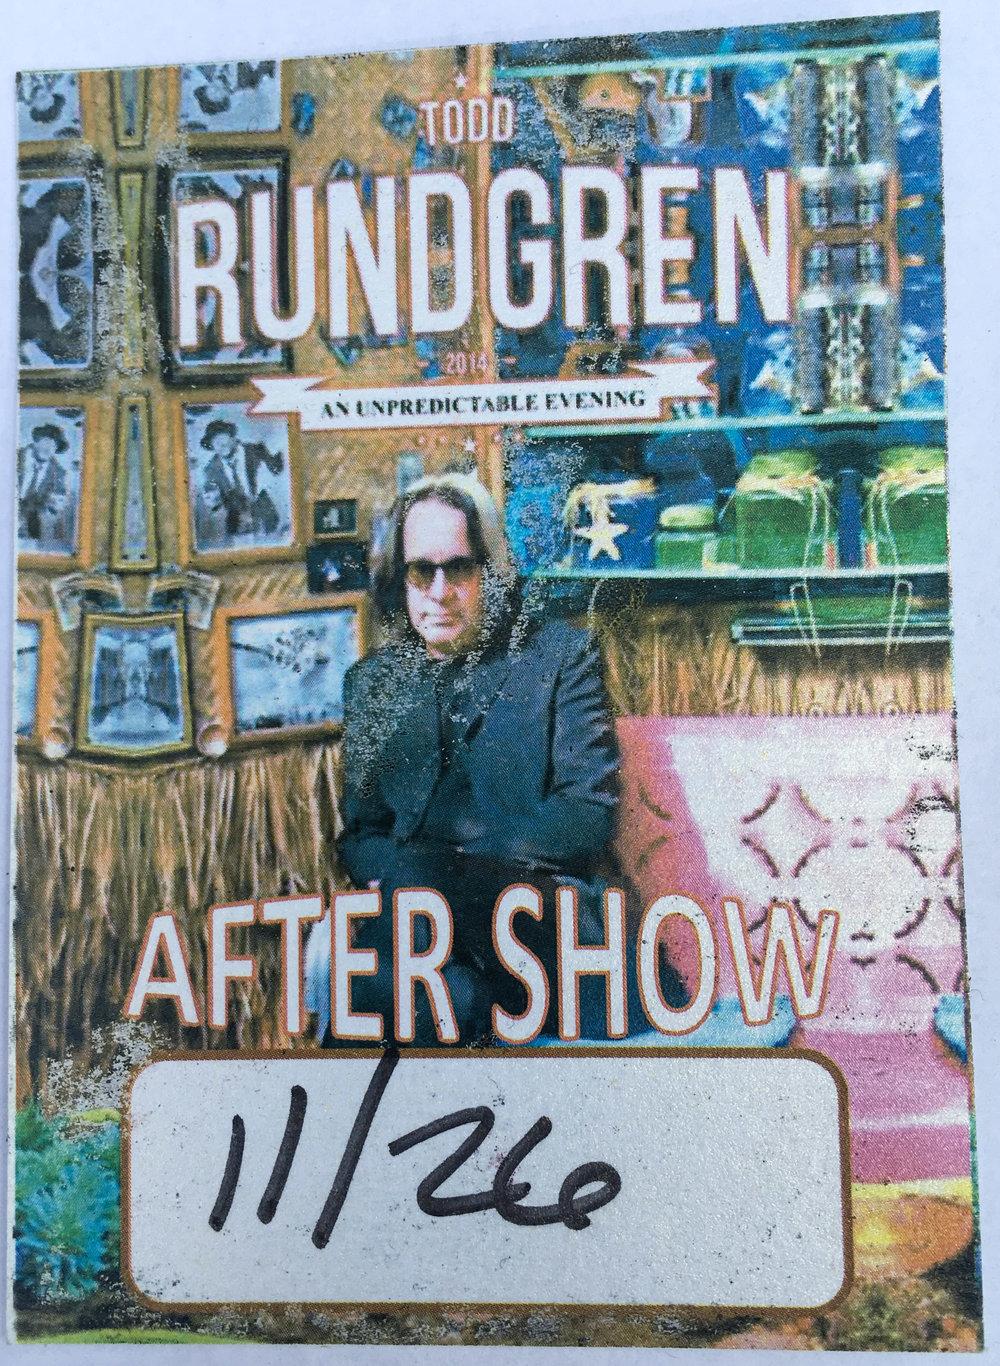 Todd Rundgren 11-26-2014